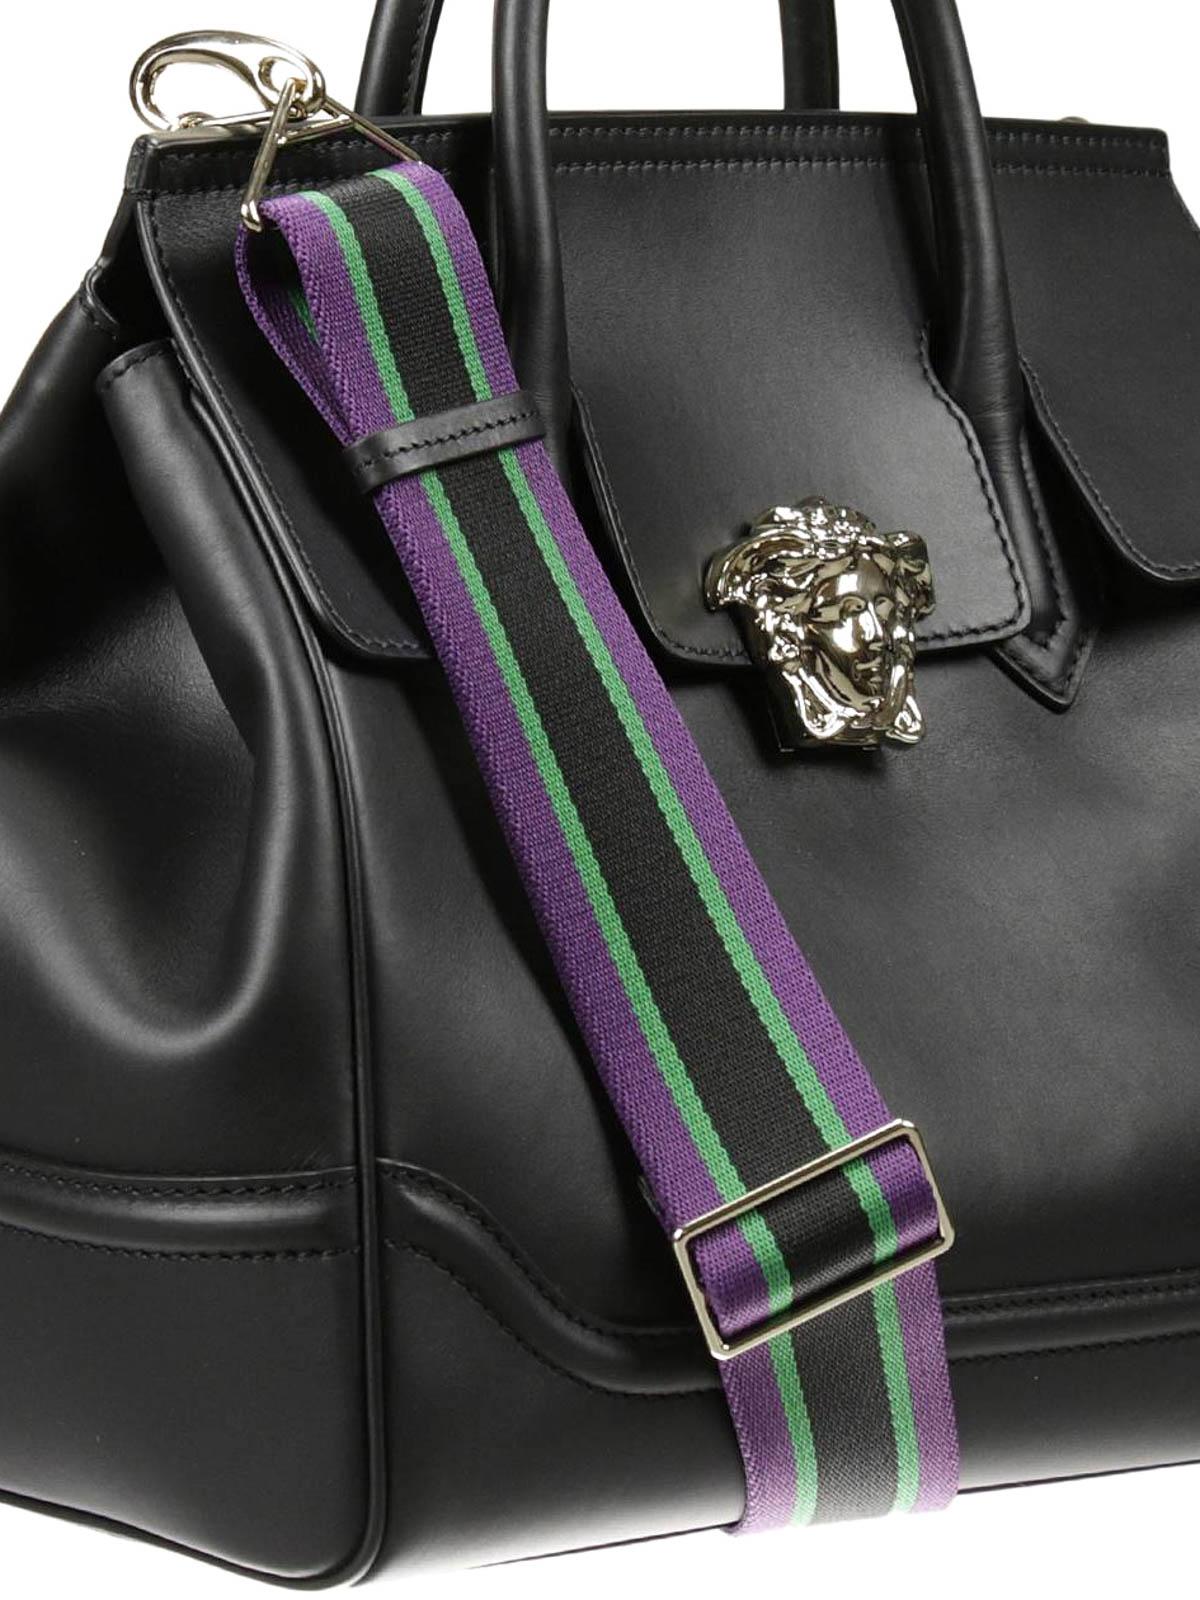 Versace - Palazzo Empire leather tote - totes bags - DBFF453 DSTVT 570fa3566e282